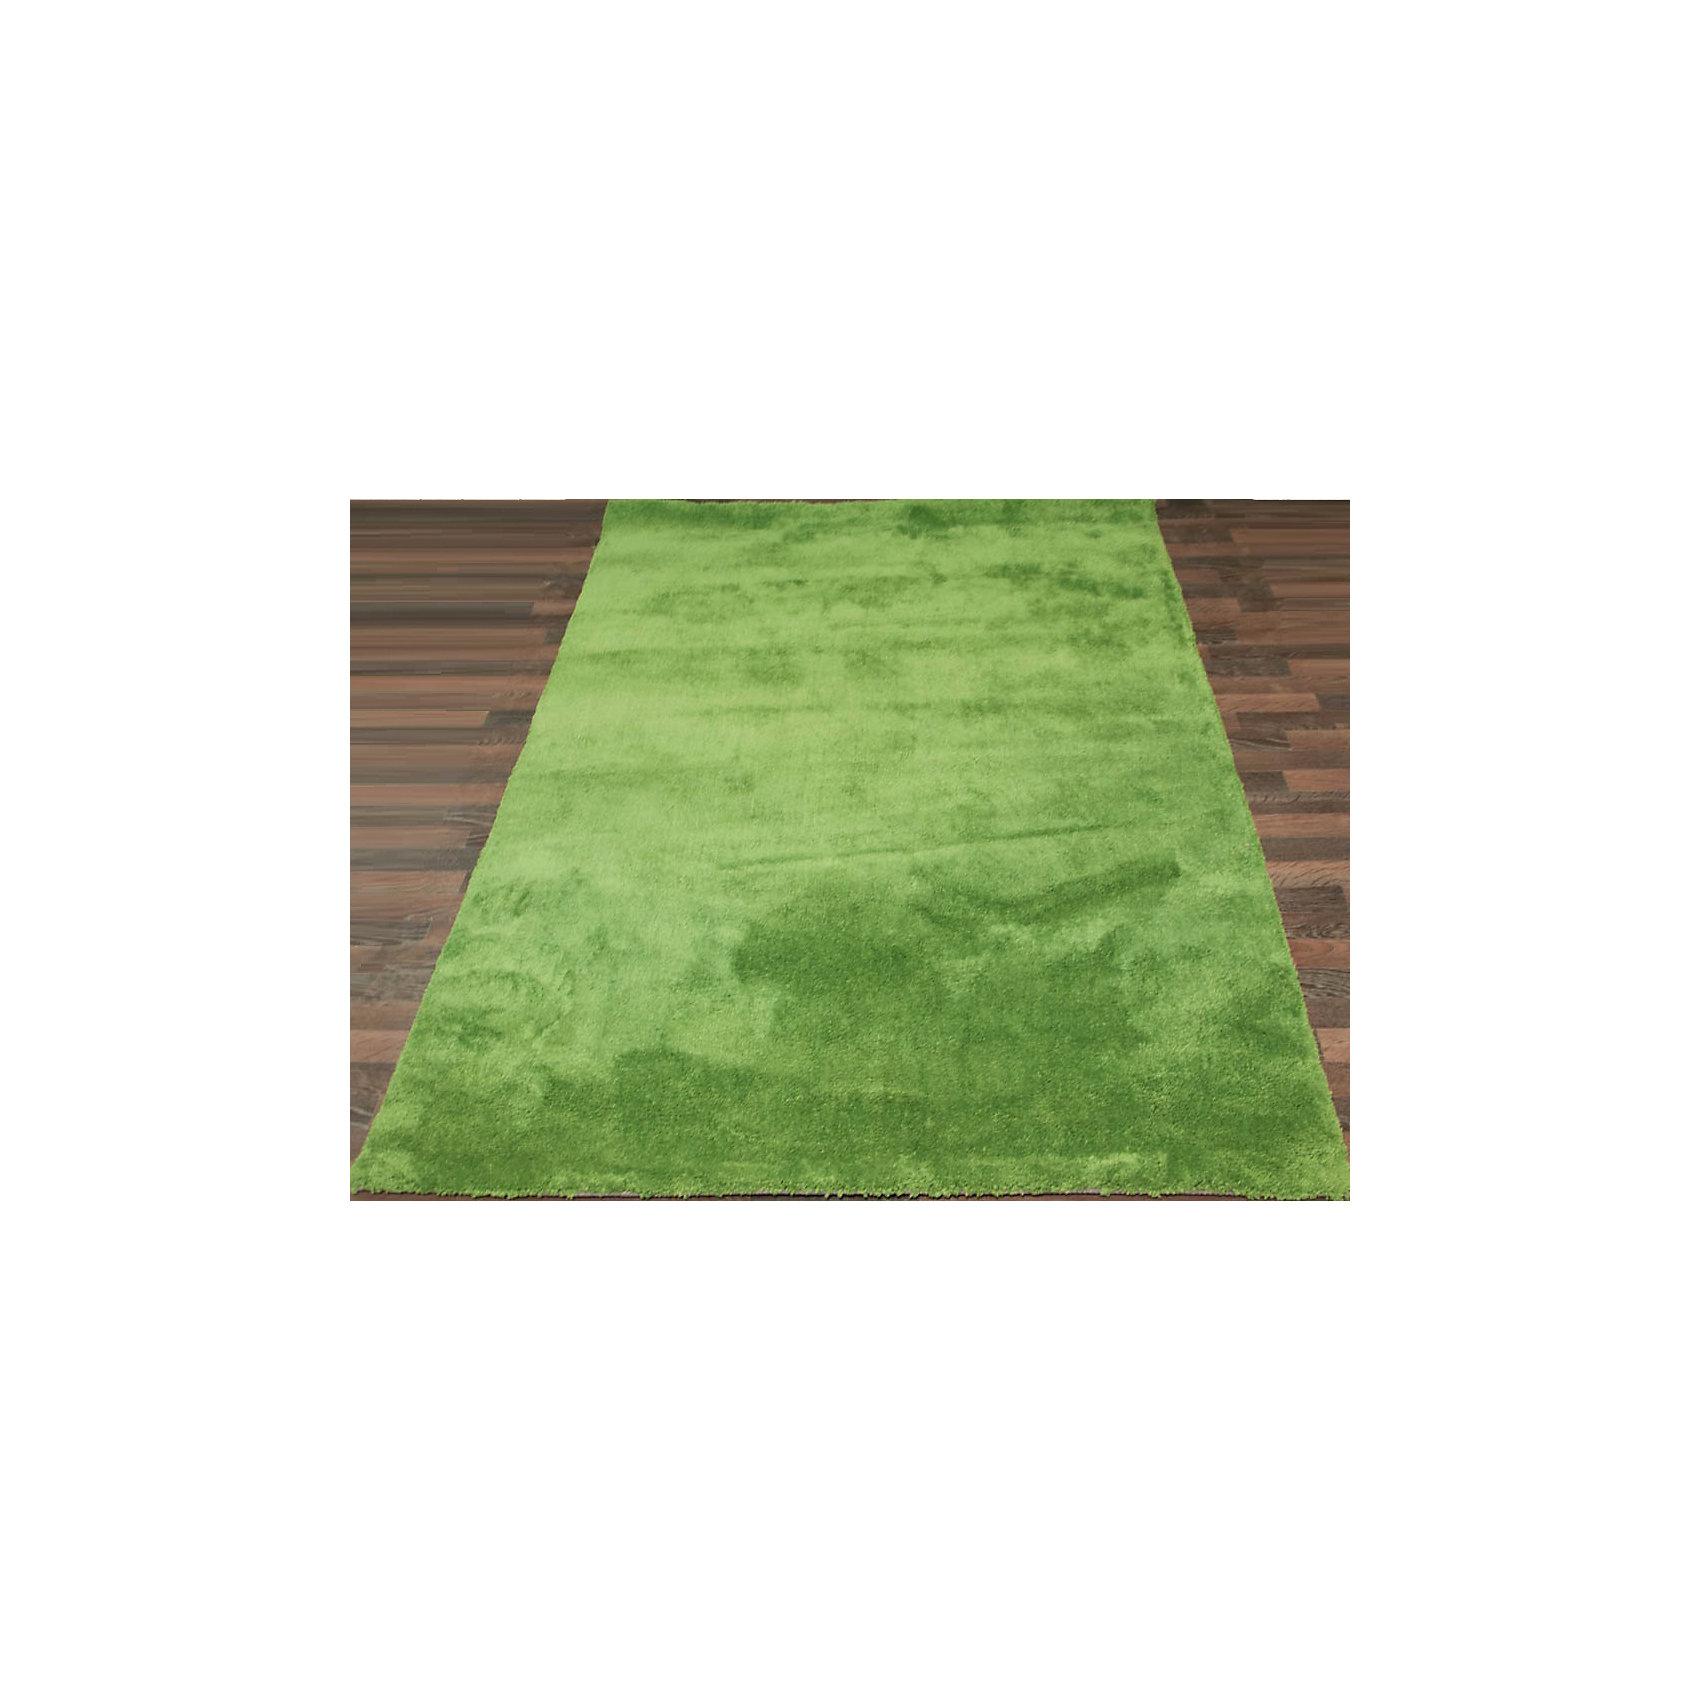 Ковёр Grass Microfiber, лавсан, Amigo, травяной, 0,8х1,5м.Ковёр Grass Microfiber, лавсан, Amigo, травяной, 0,8х1,5м. – отличный выбор для тех, кто хочет сделать свою жизнь комфортной и эстетичной.<br>Ковер Grass Microfiber с ворсом из лавсана отличается повышенной прочностью, практически не мнется и не выцветает, хорошо сохраняет тепло. Он мягкий, нежный, бархатистый, приятный на ощупь. Мягкости и шелковистости ковер обязан именно ворсу лавсан (или как еще называют данную технологию - micro-fiber). Ковер долговечен, гипоаллергенен, стоек к внешним воздействиям, не капризен к моющим и чистящим средствам, не требует специального ухода. Он хорошо переносит чистку как обычным, так и моющим пылесосом. Простой минималистический дизайн ковра позволит использовать его в различных помещениях - от гостиной до зоны отдыха в офисе.<br><br>Дополнительная информация:<br><br>- Размер: 0,8х1,5м.<br>- Материал: гиппоаллергеное искусственное волокно<br>- Цвет: травяной<br><br>Ковёр Grass Microfiber, лавсан, Amigo, травяной, 0,8х1,5м. можно купить в нашем интернет-магазине.<br><br>Ширина мм: 1500<br>Глубина мм: 150<br>Высота мм: 150<br>Вес г: 3100<br>Возраст от месяцев: 18<br>Возраст до месяцев: 1188<br>Пол: Унисекс<br>Возраст: Детский<br>SKU: 5025738